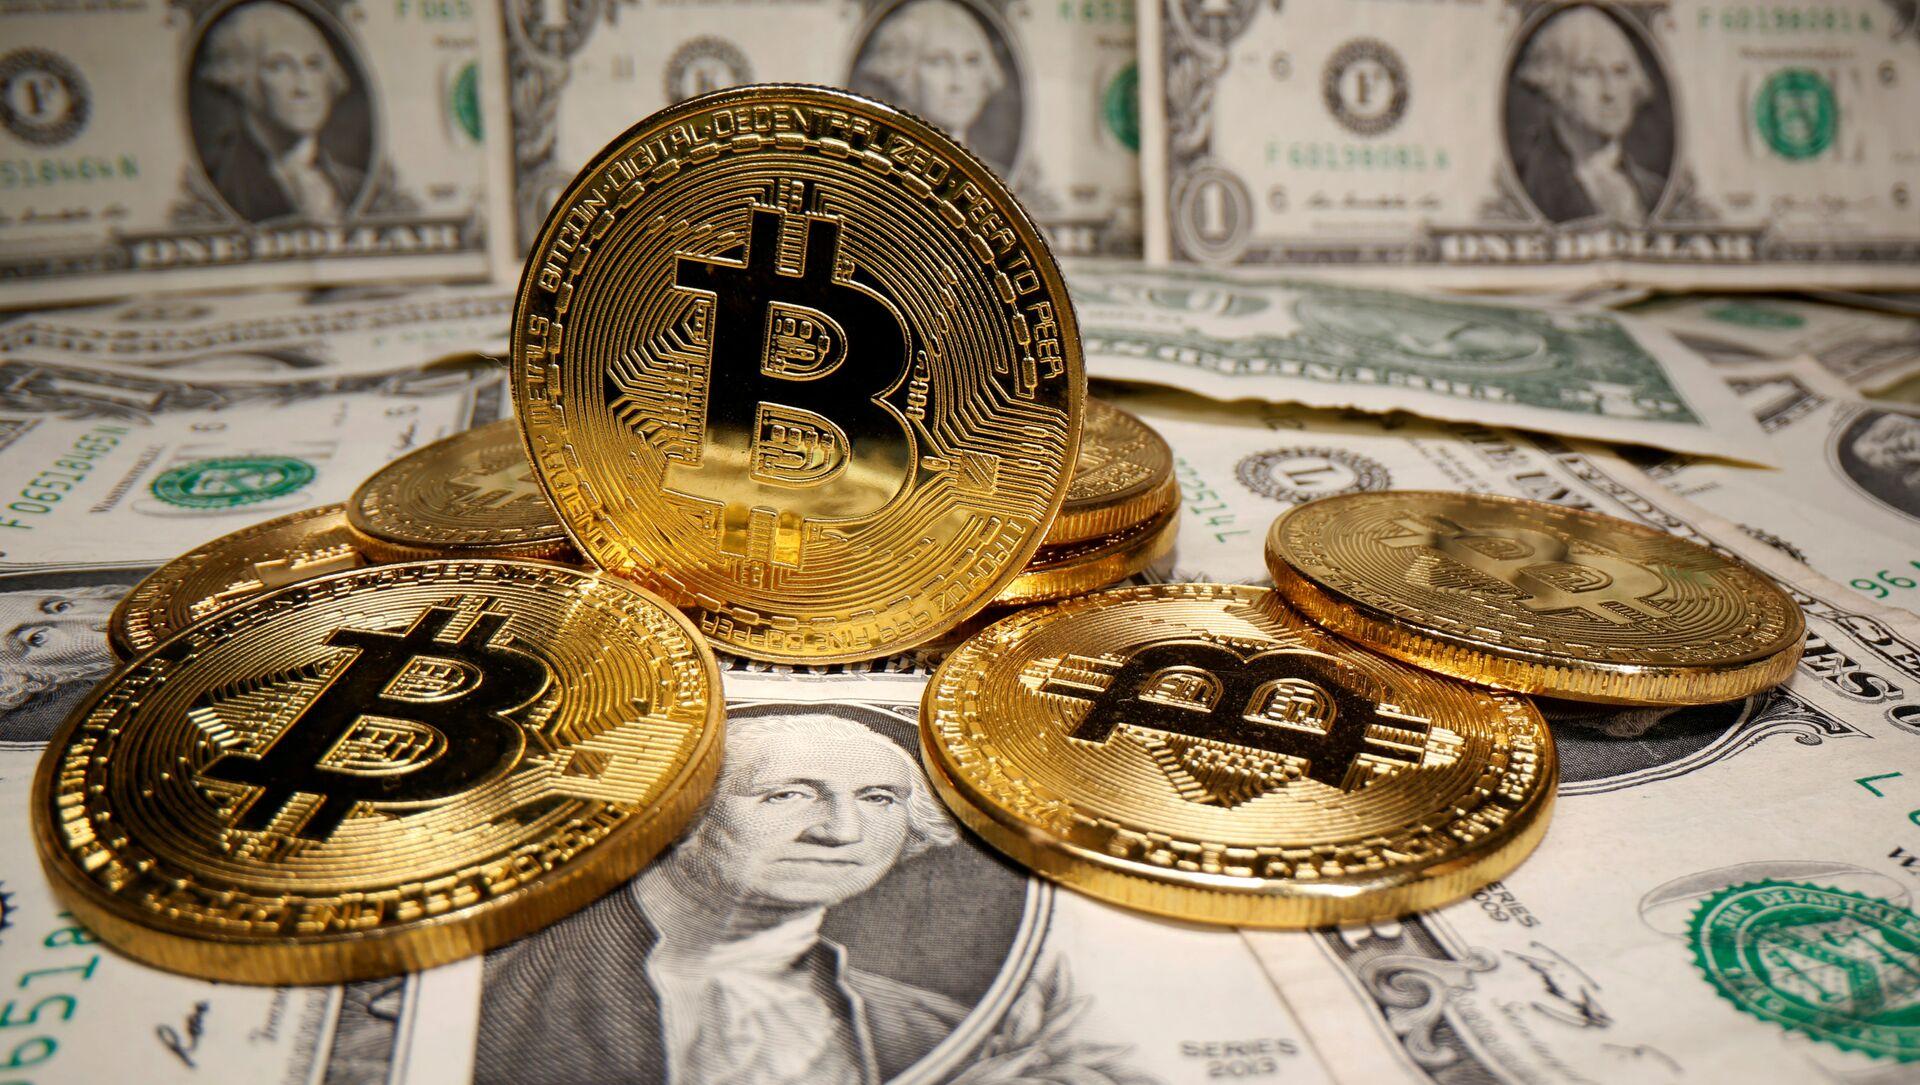 Monedas con el logo del bitcoin y dólares estadounidenses (imagen referencial) - Sputnik Mundo, 1920, 22.01.2021